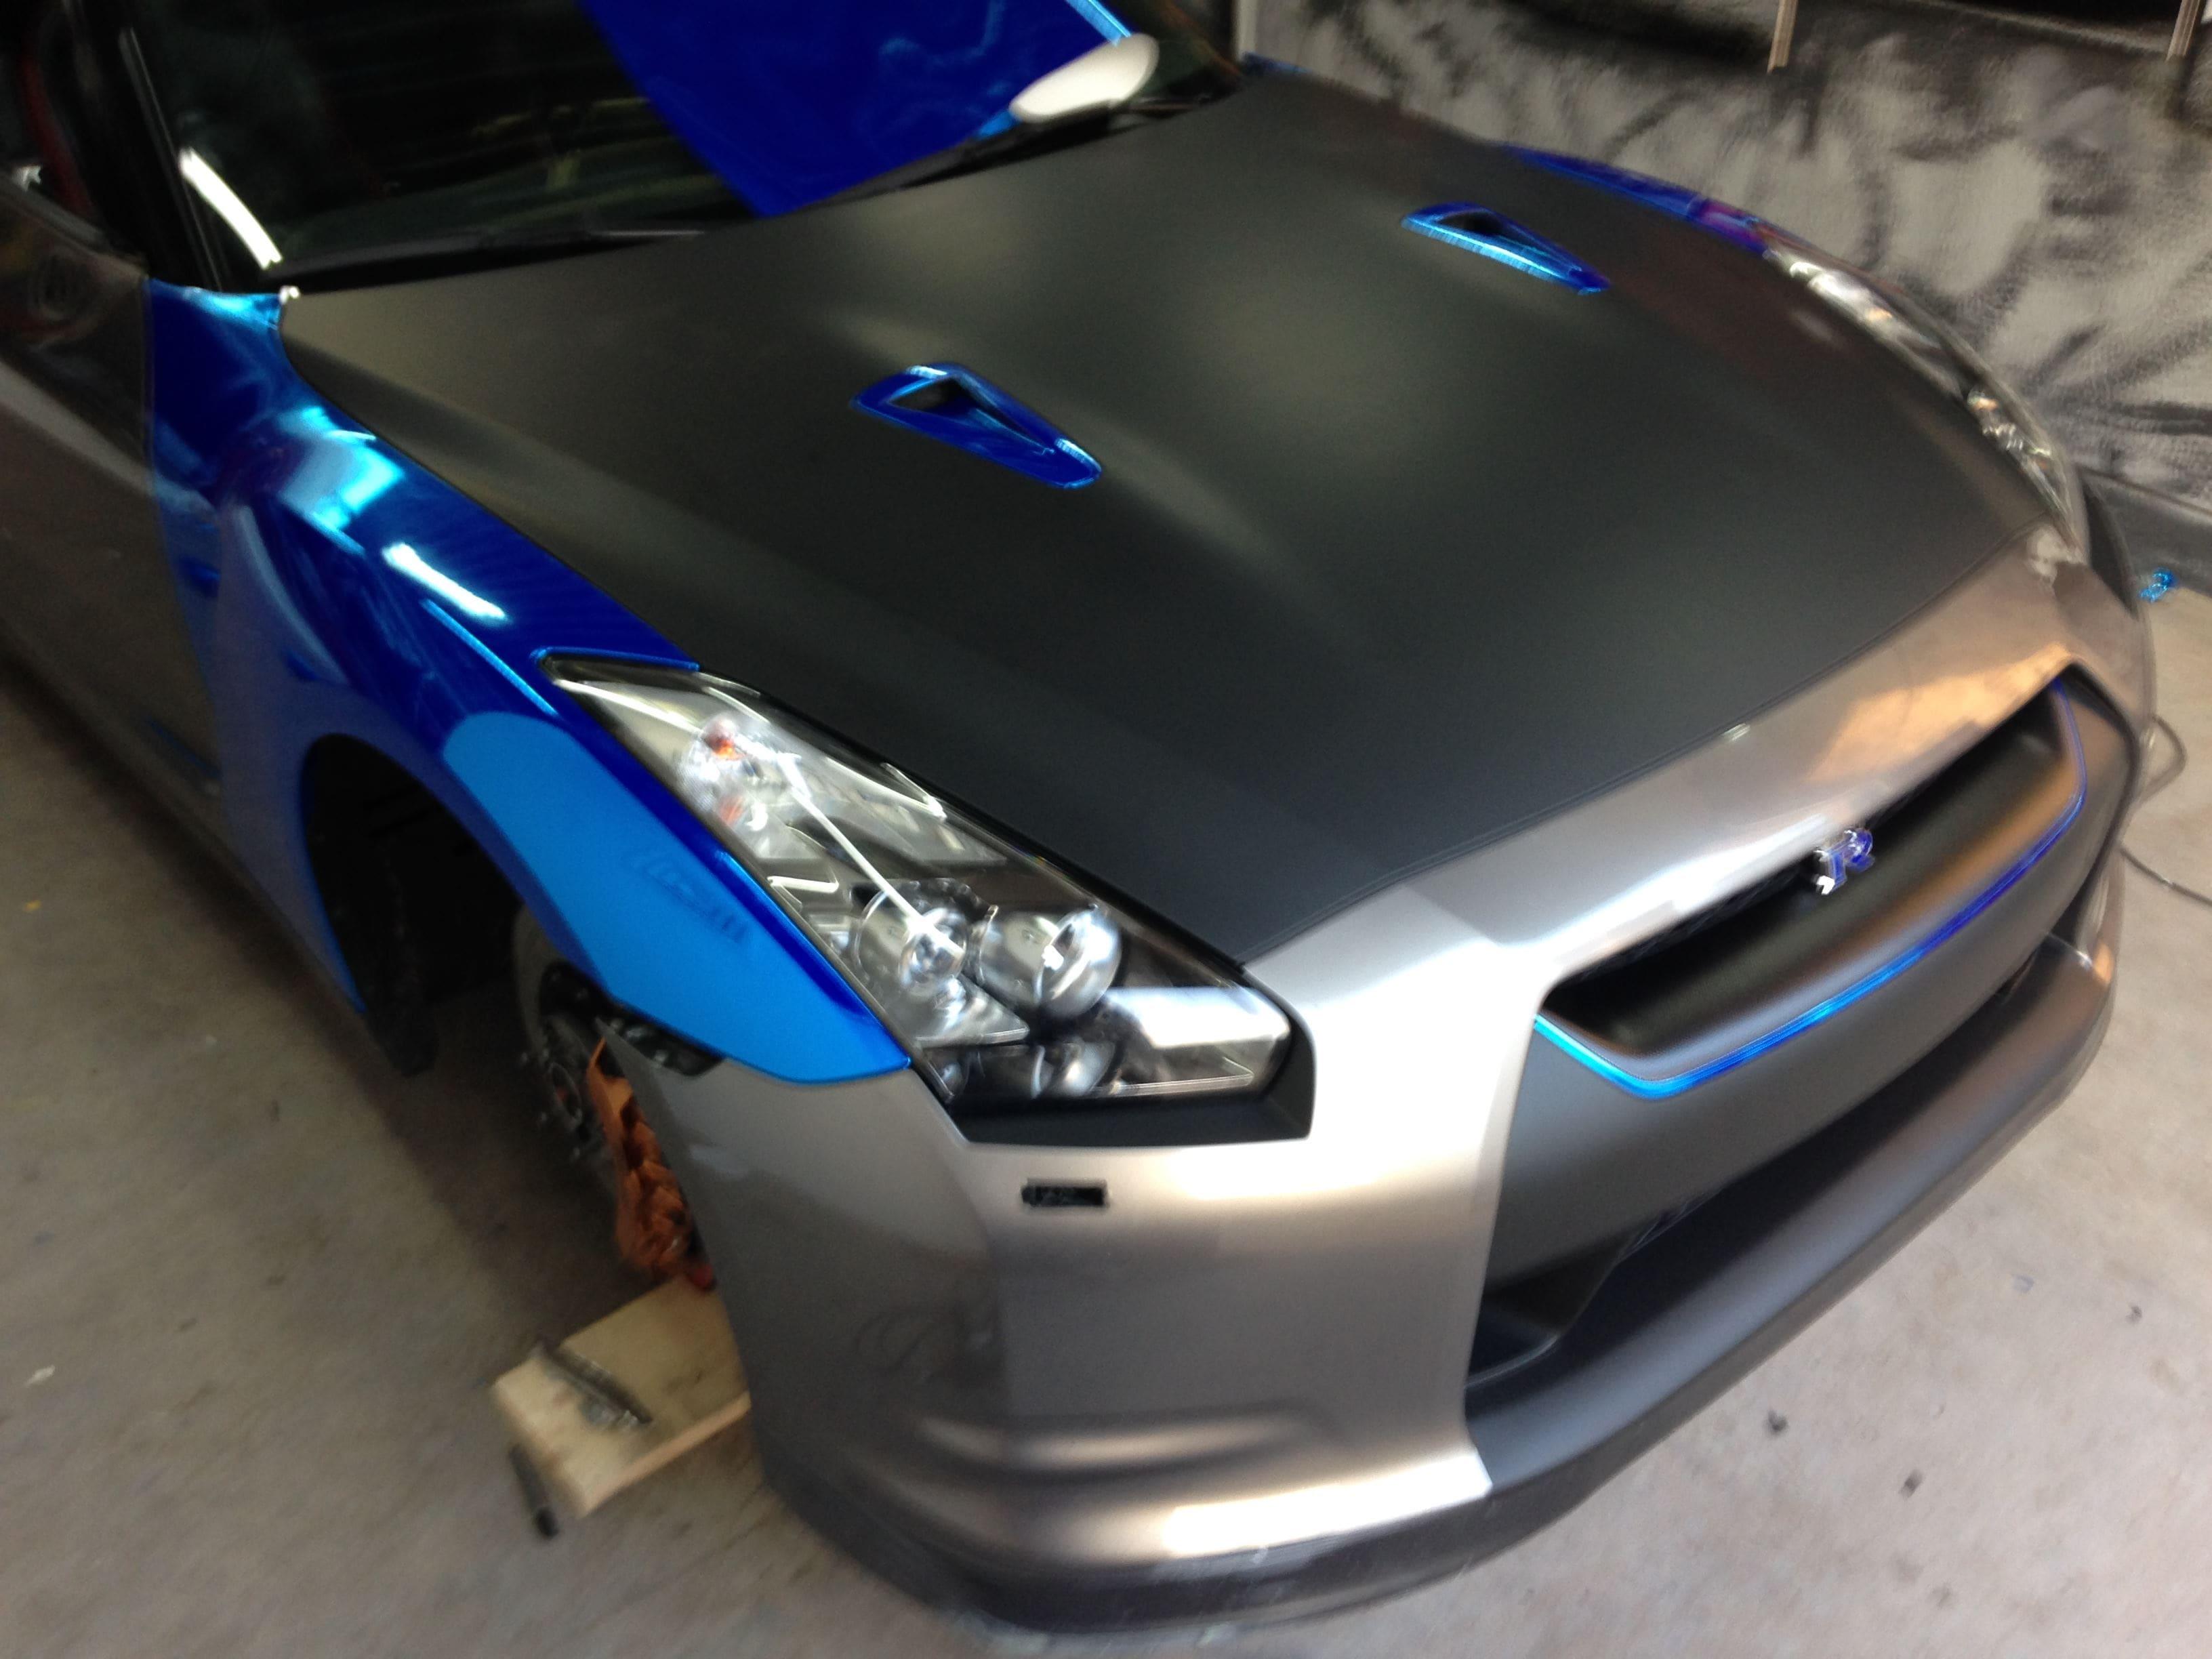 Nissan GT-R met Blue Chrome Wrap, Carwrapping door Wrapmyride.nu Foto-nr:6448, ©2021